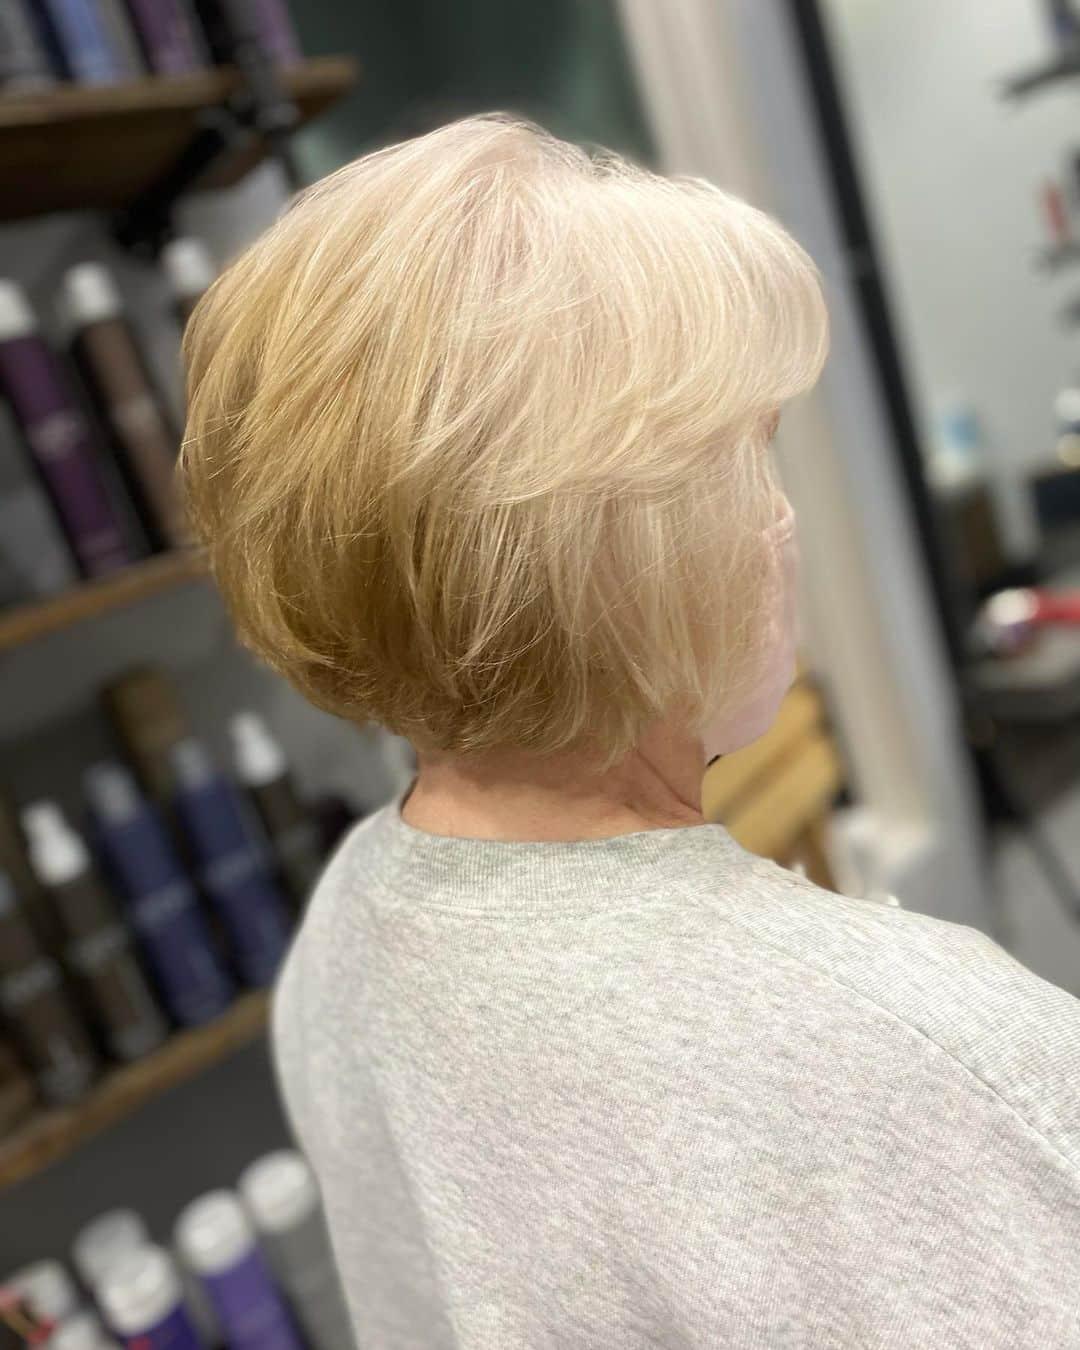 La coupe de cheveux à poils superposés